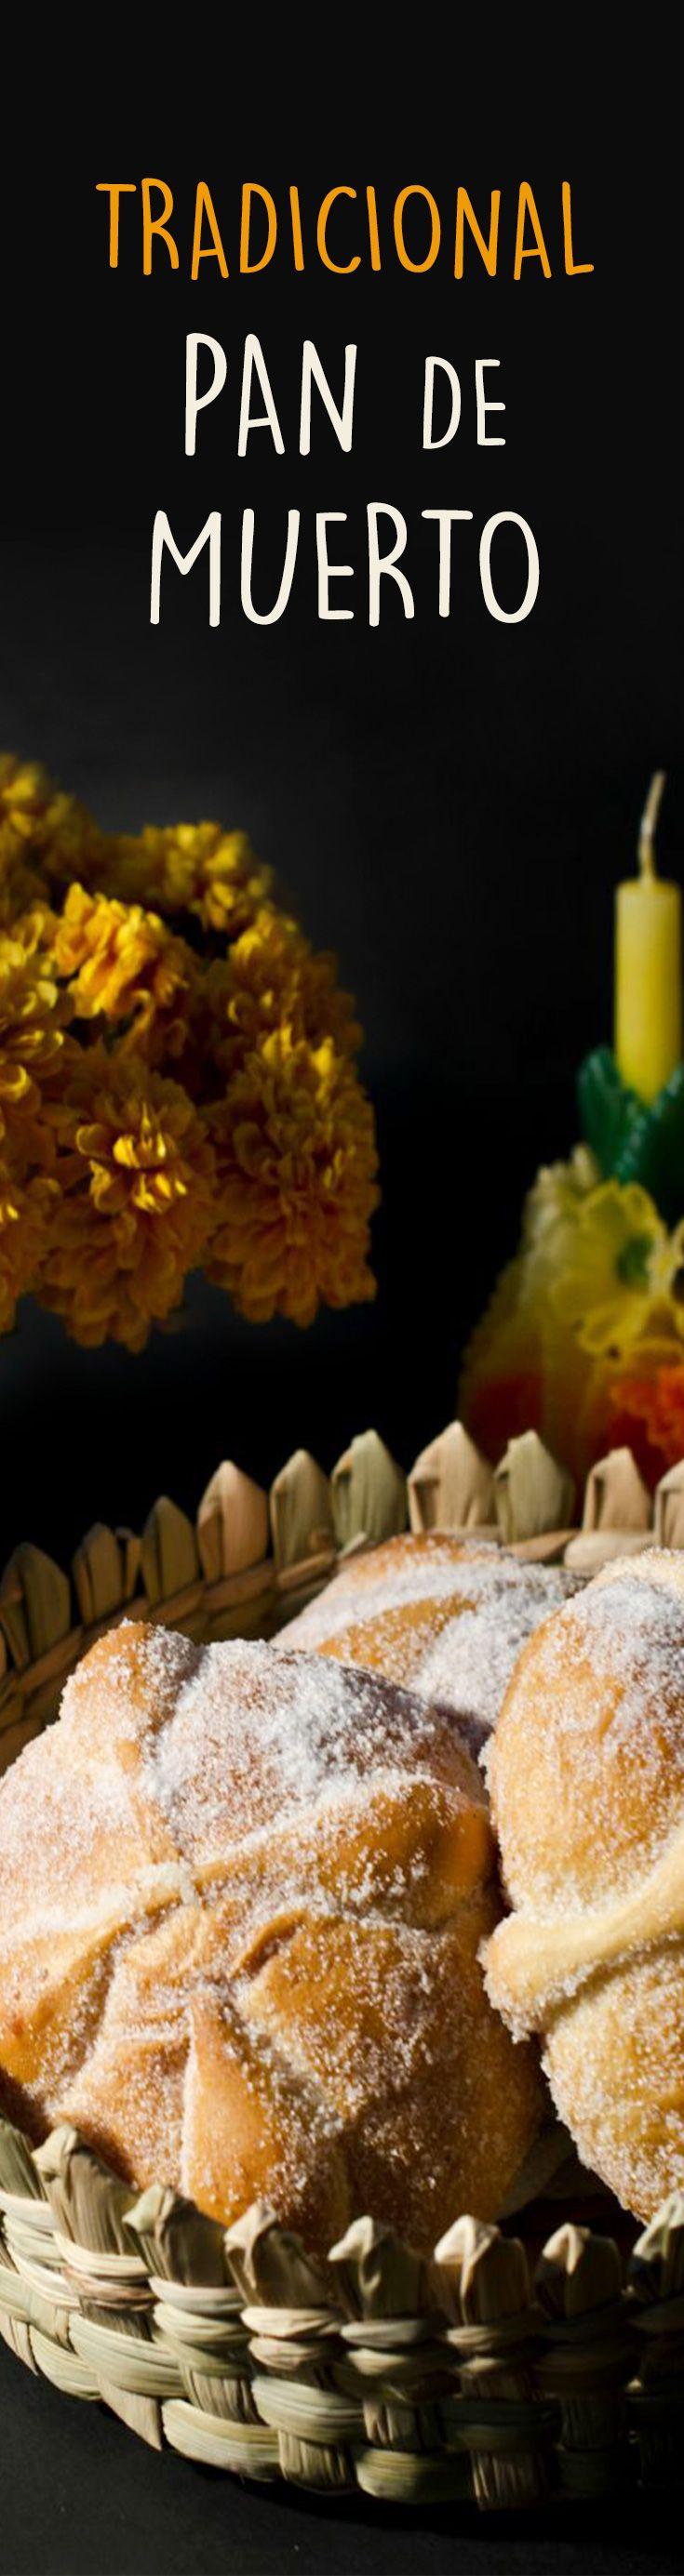 El pan de Muertos es típico del 2 de Noviembre en México cuando se celebran el Día de los Muertos. Puedes usar la misma masa para hacer pan dulce en cualquier fecha del año. Deliciosa receta de pan de muerto que a tú familia le va a encantar. Mexican Sweet Breads, Mexican Food Recipes, Dessert Recipes, Desserts, Homemade Dinner Rolls, Mexican Kitchens, Pan Dulce, Latin Food, Eat Dessert First